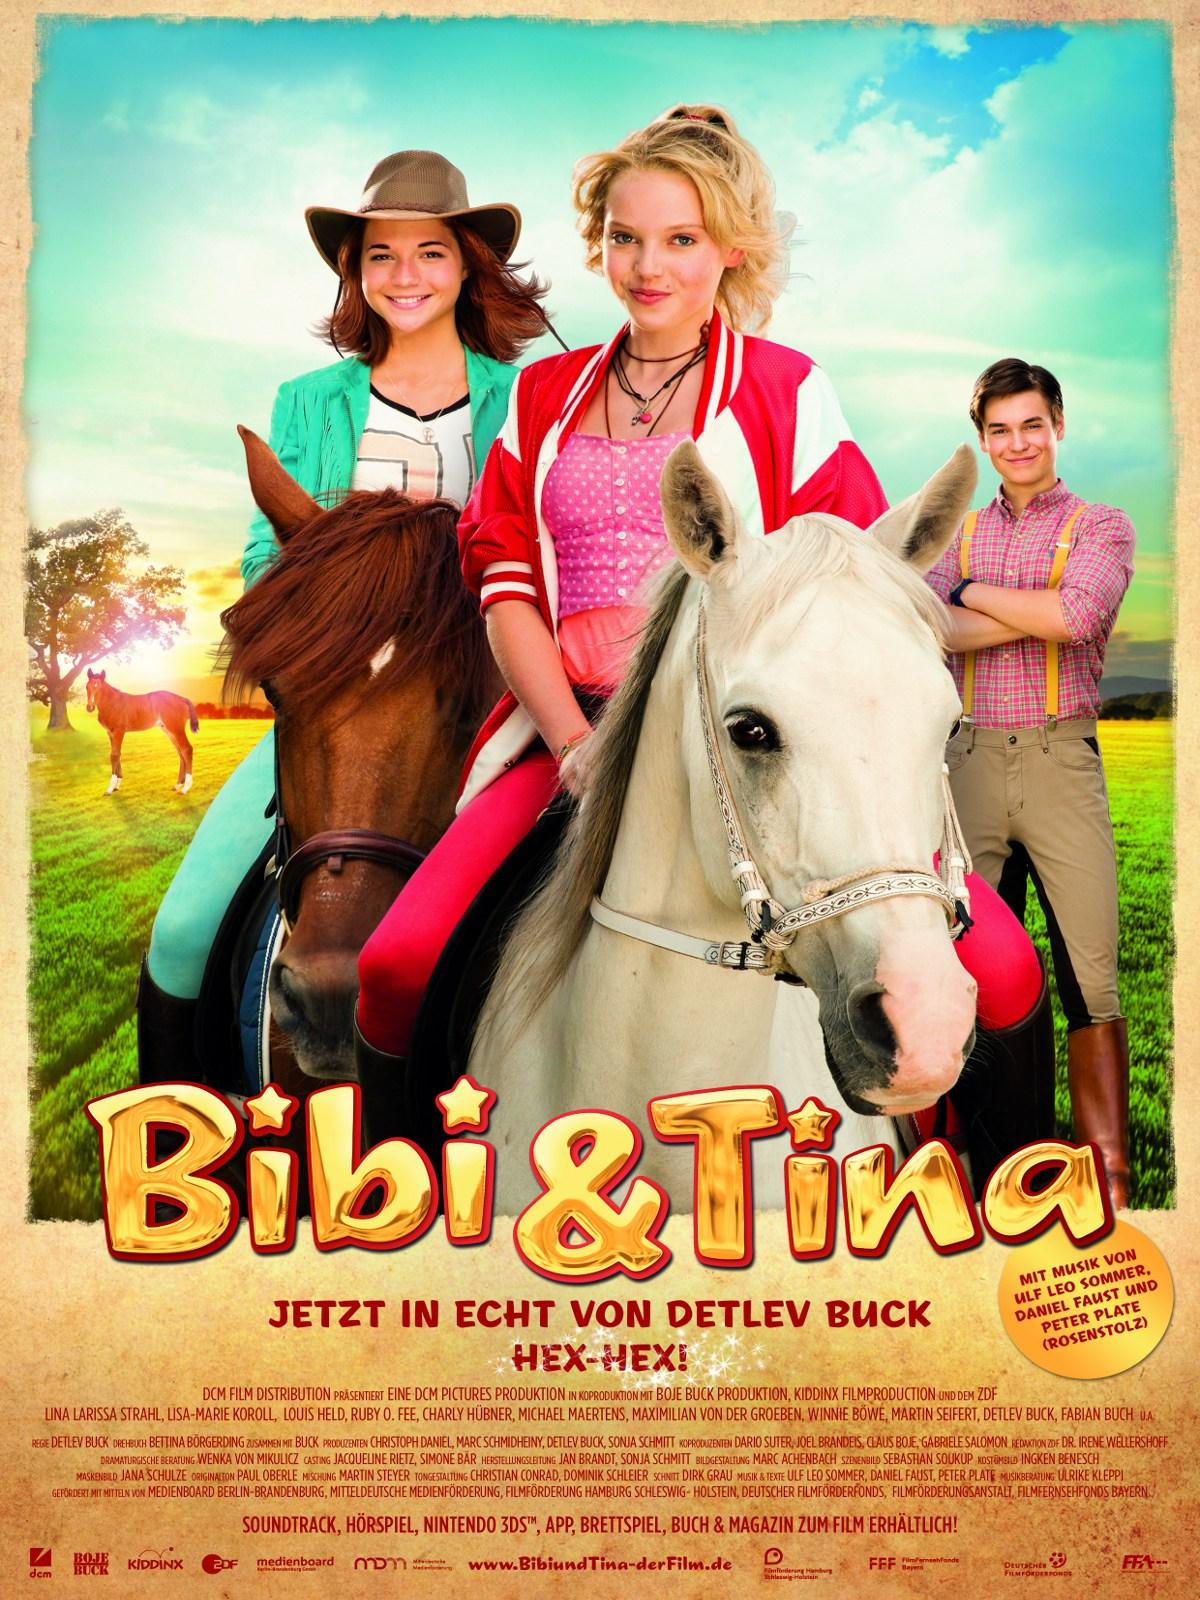 Bibi Und Tina 4 Ganzer Film